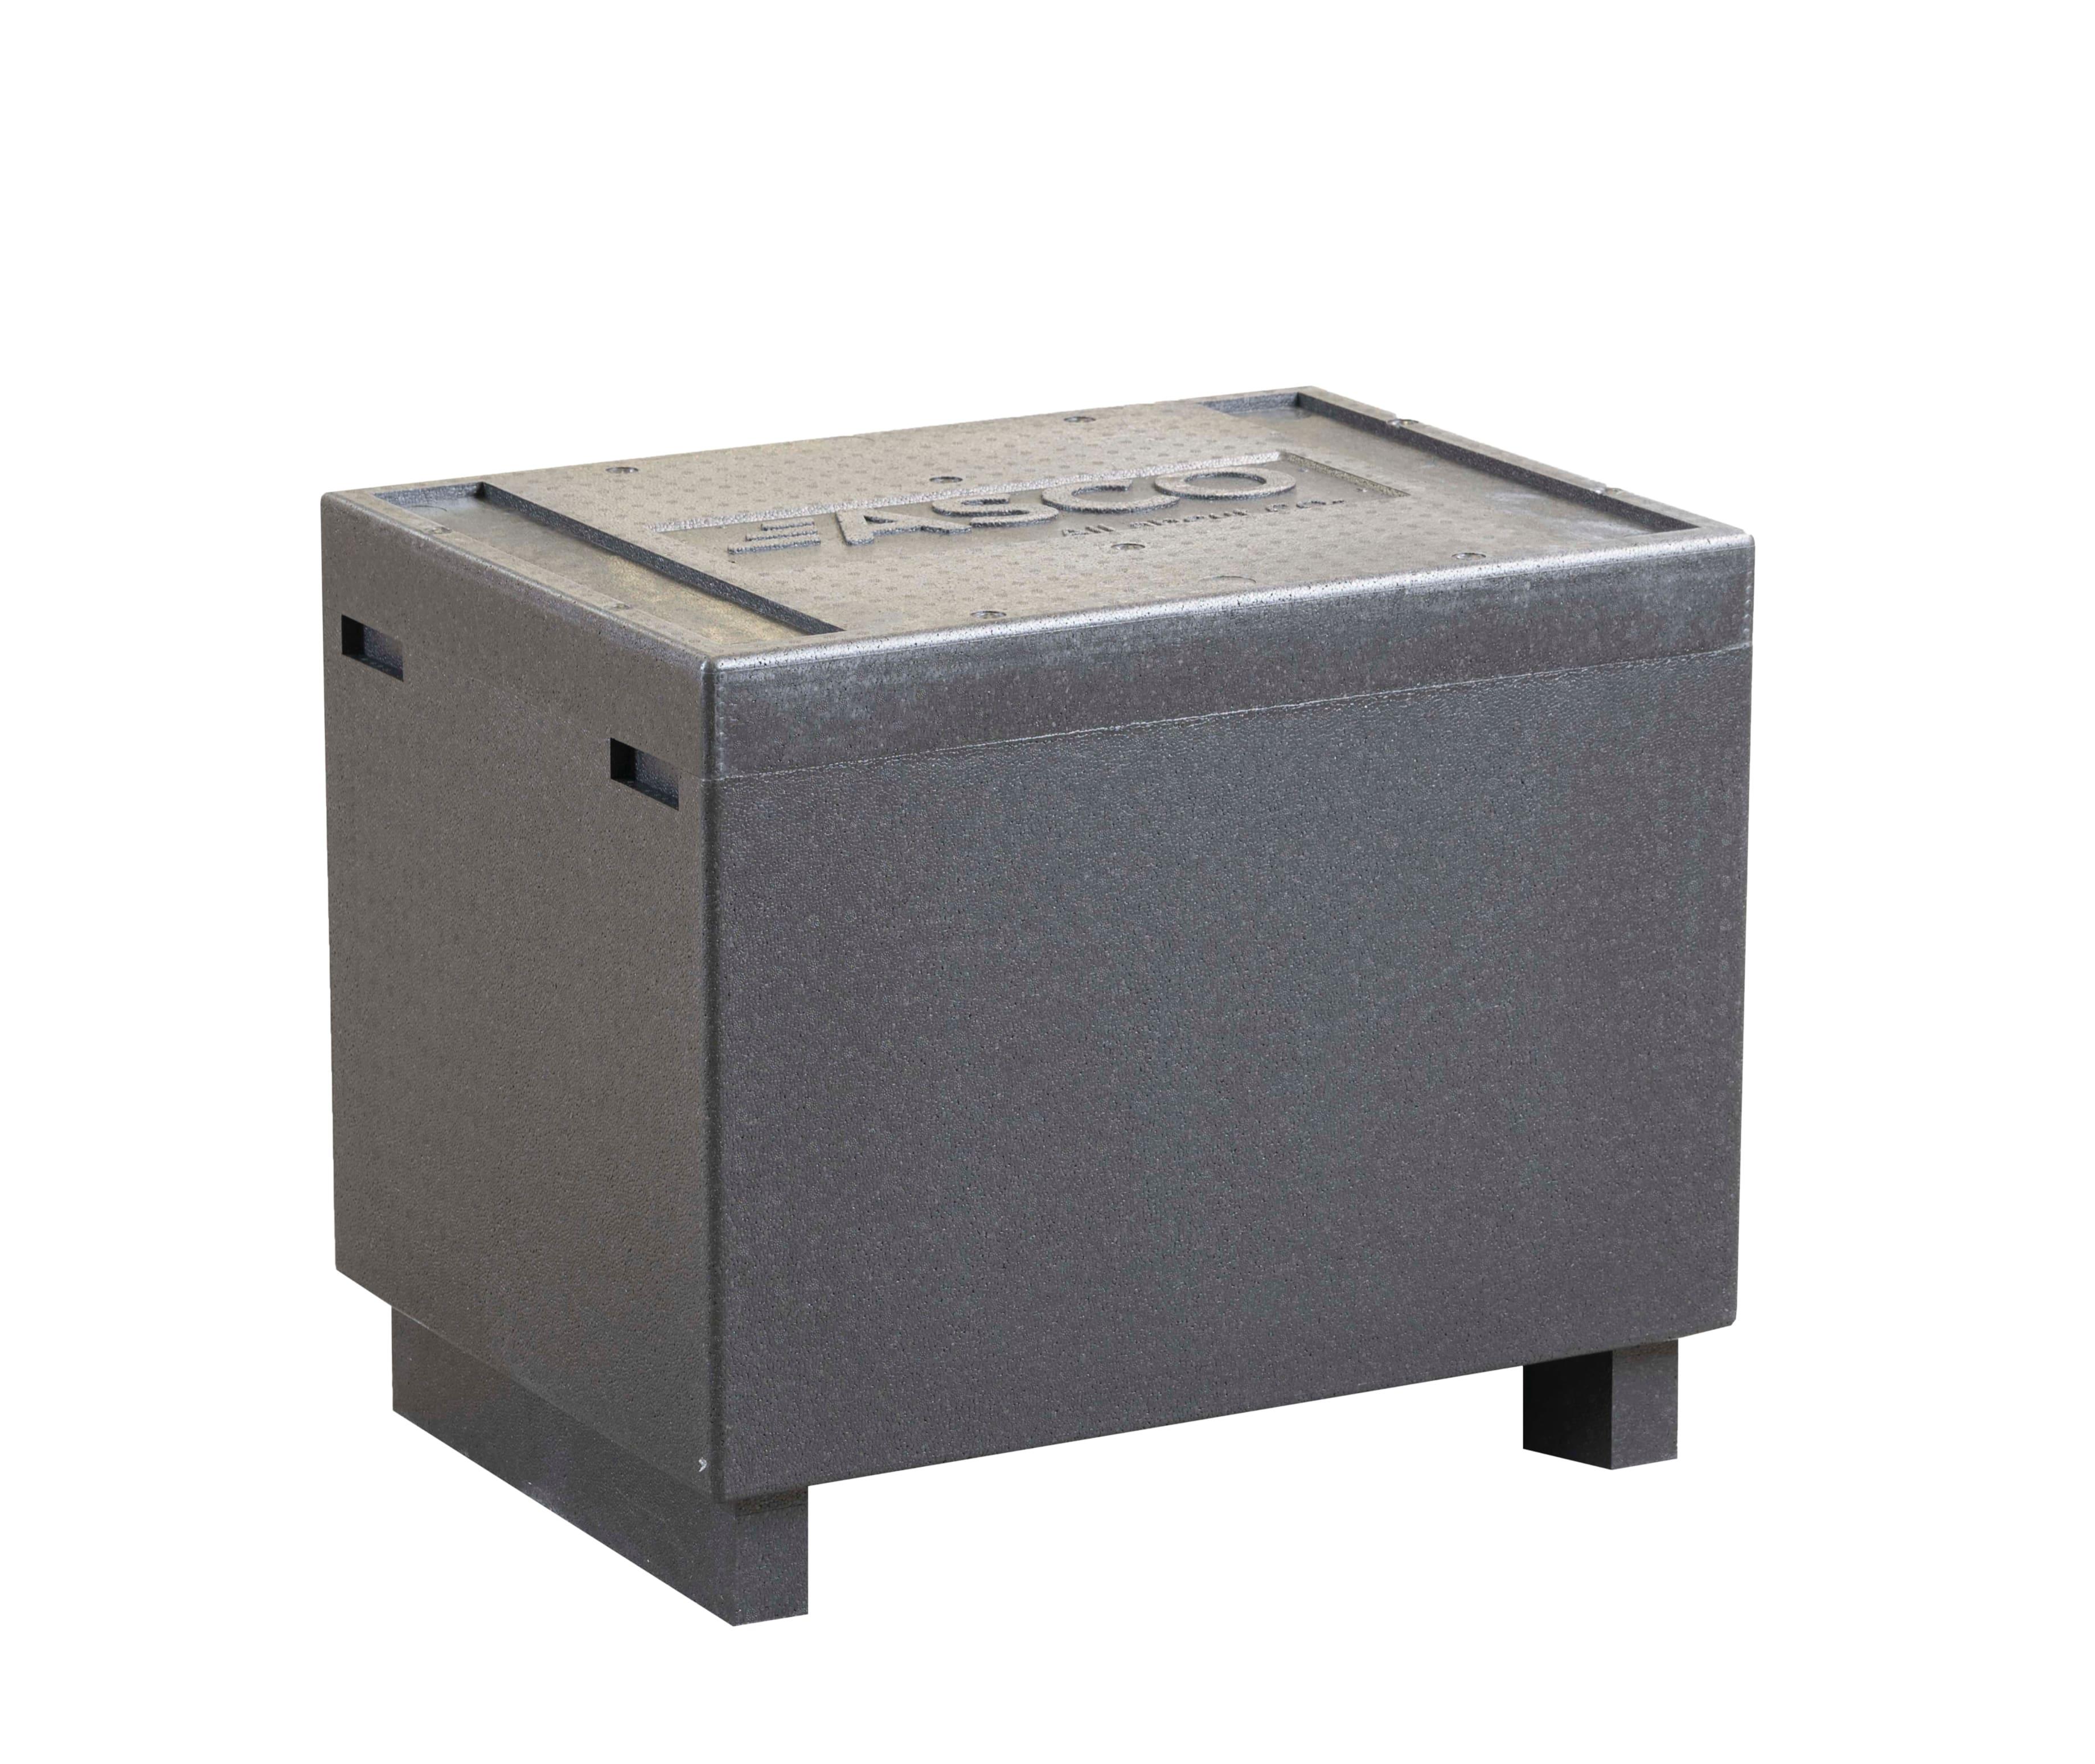 Asco szárazjeg tároló konténer AT126